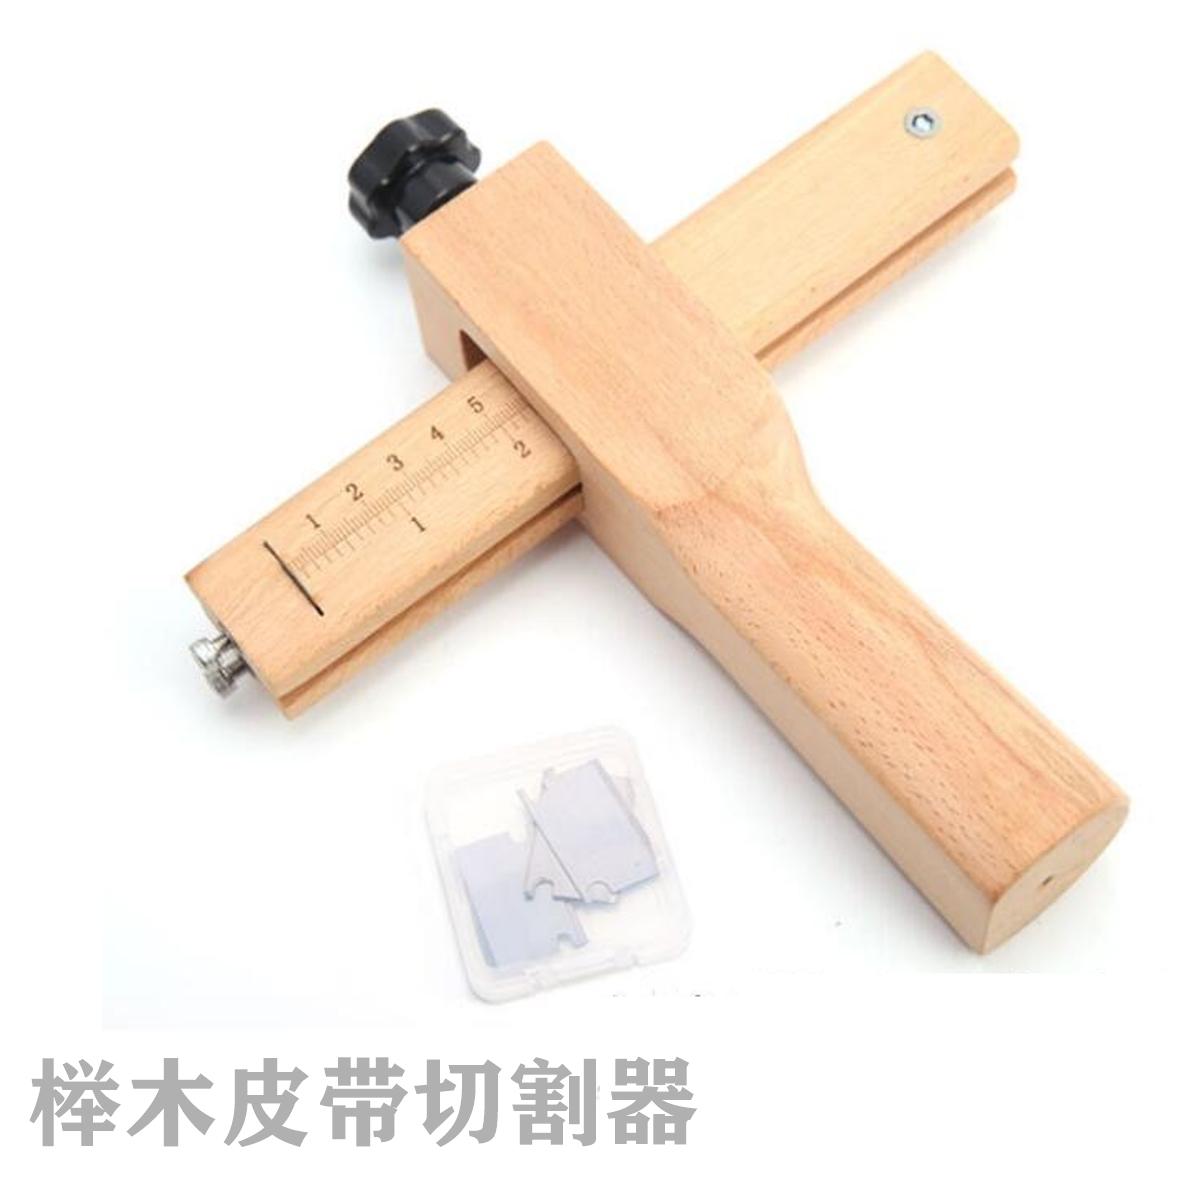 利得手工皮革皮线切割器 可调节皮带切割器 皮条 皮线 皮绳裁切器